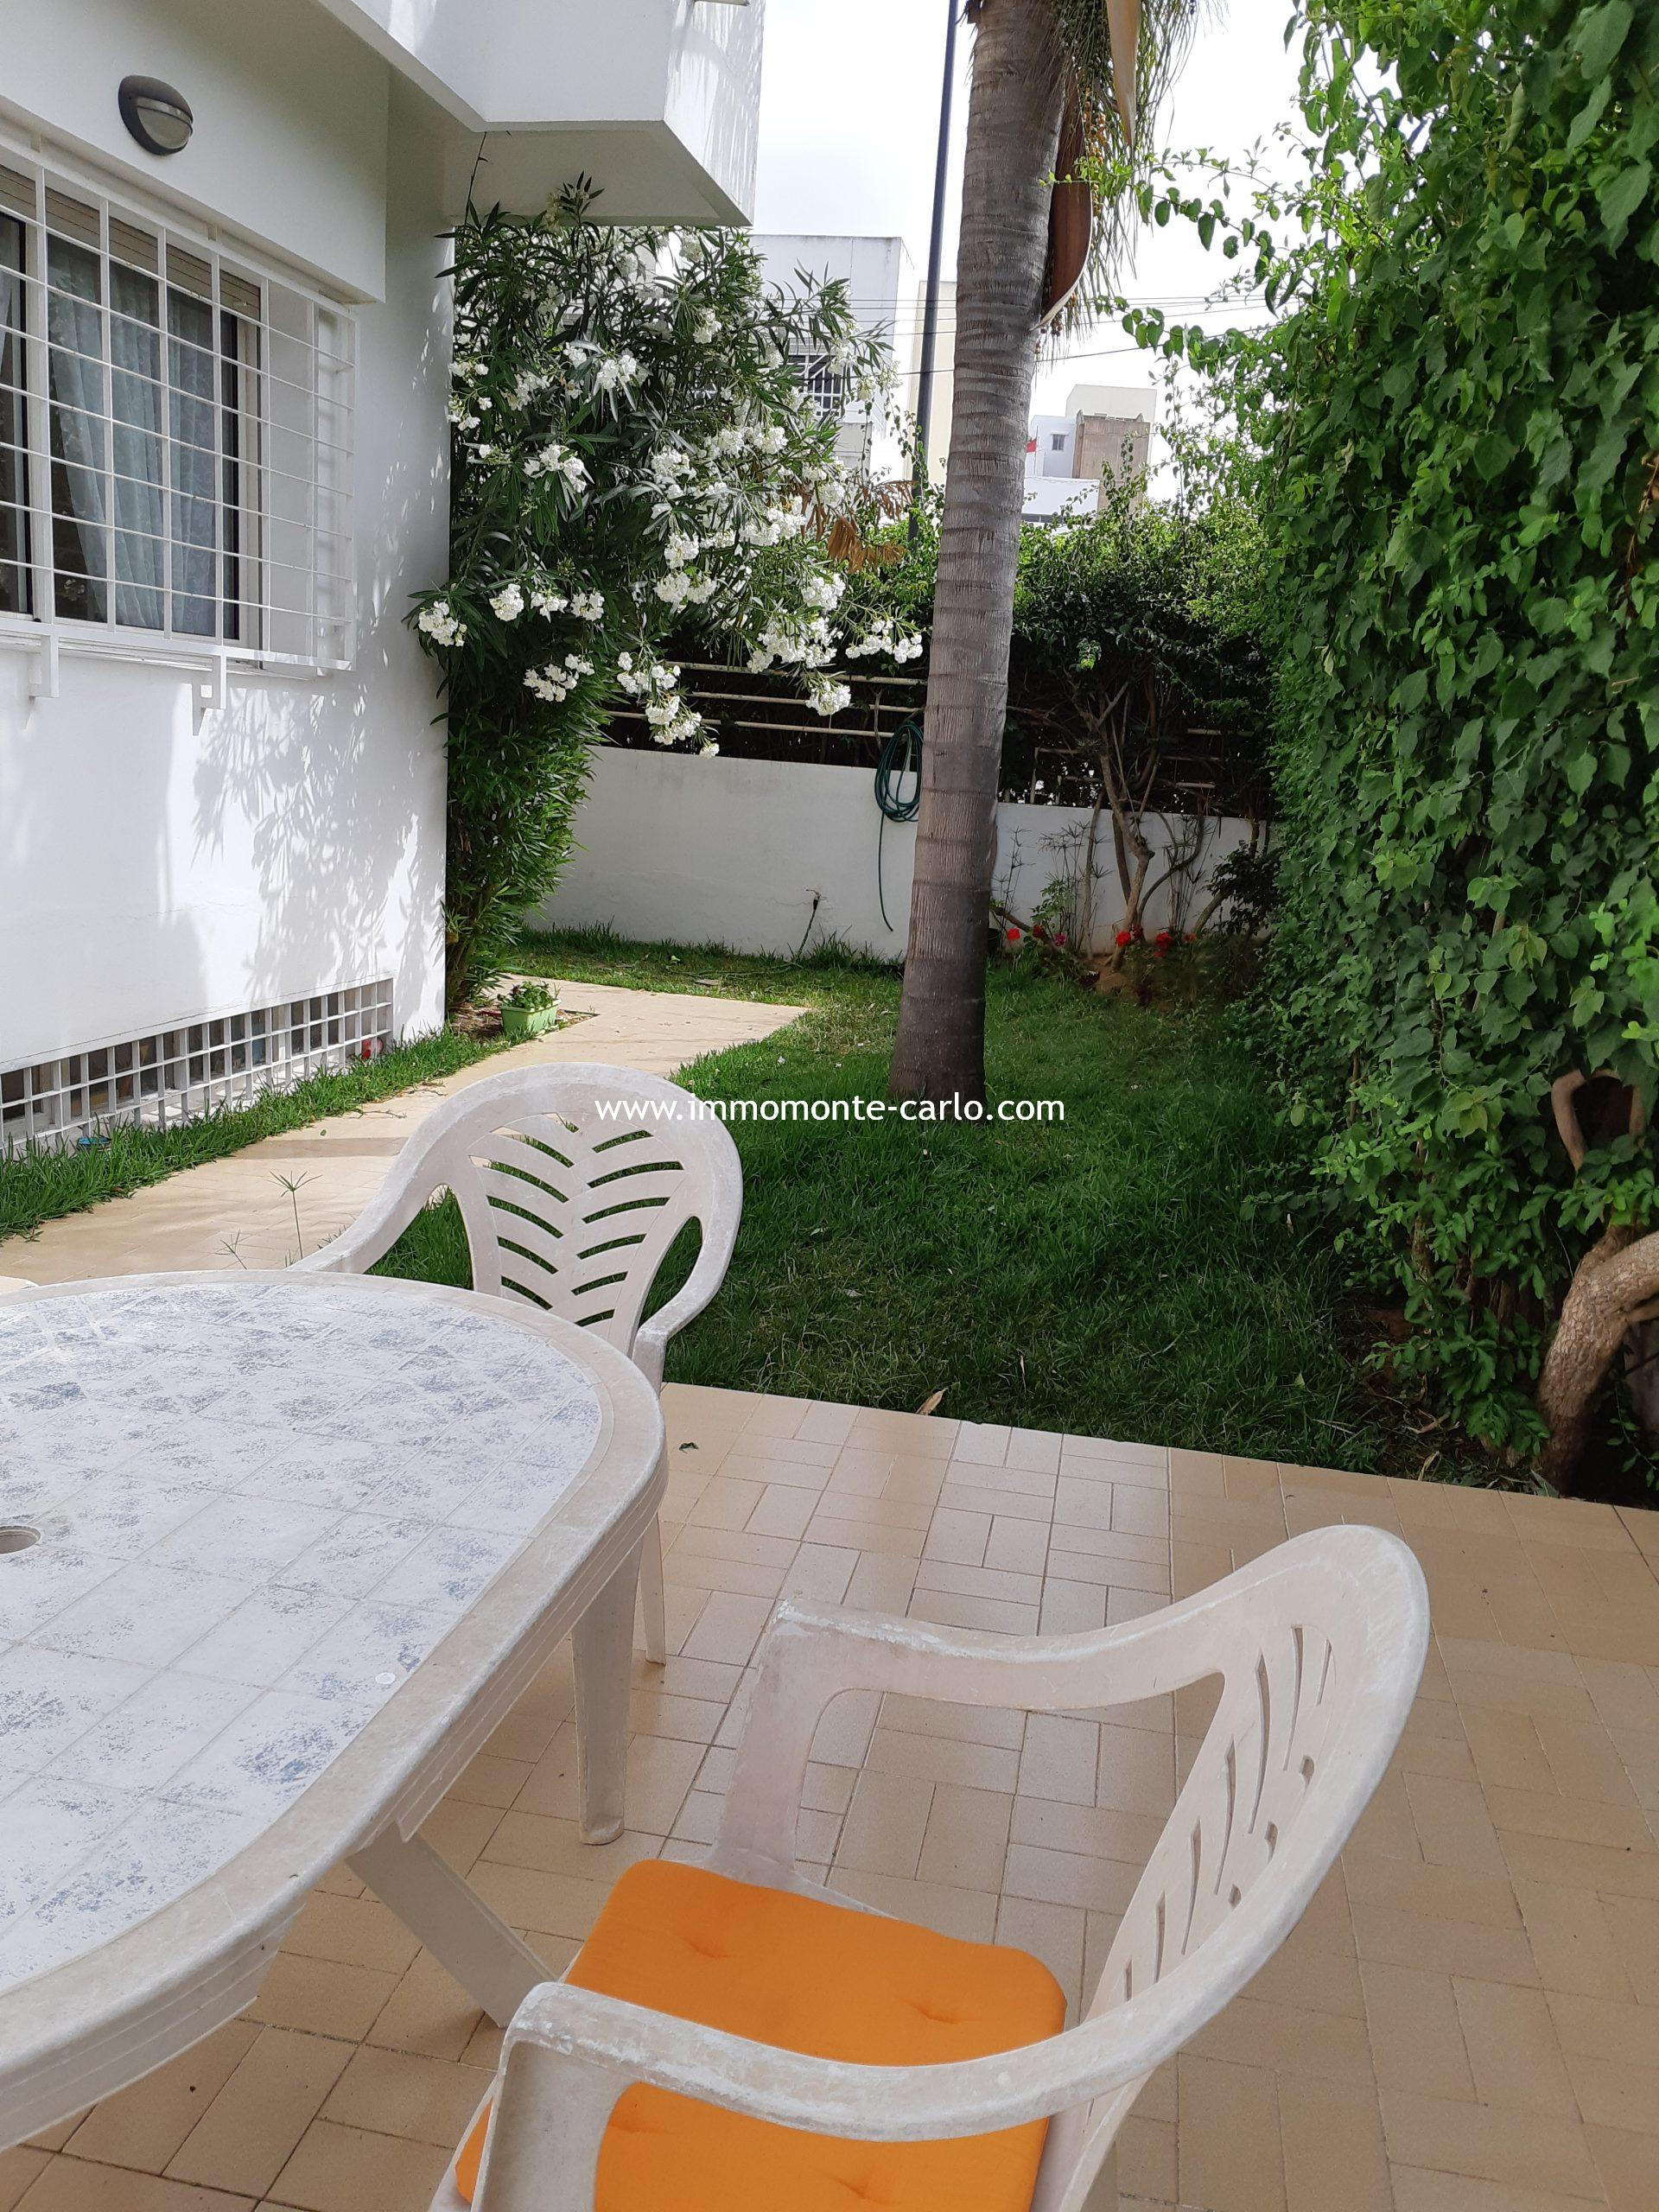 Location villa à l'Agdal Rabat